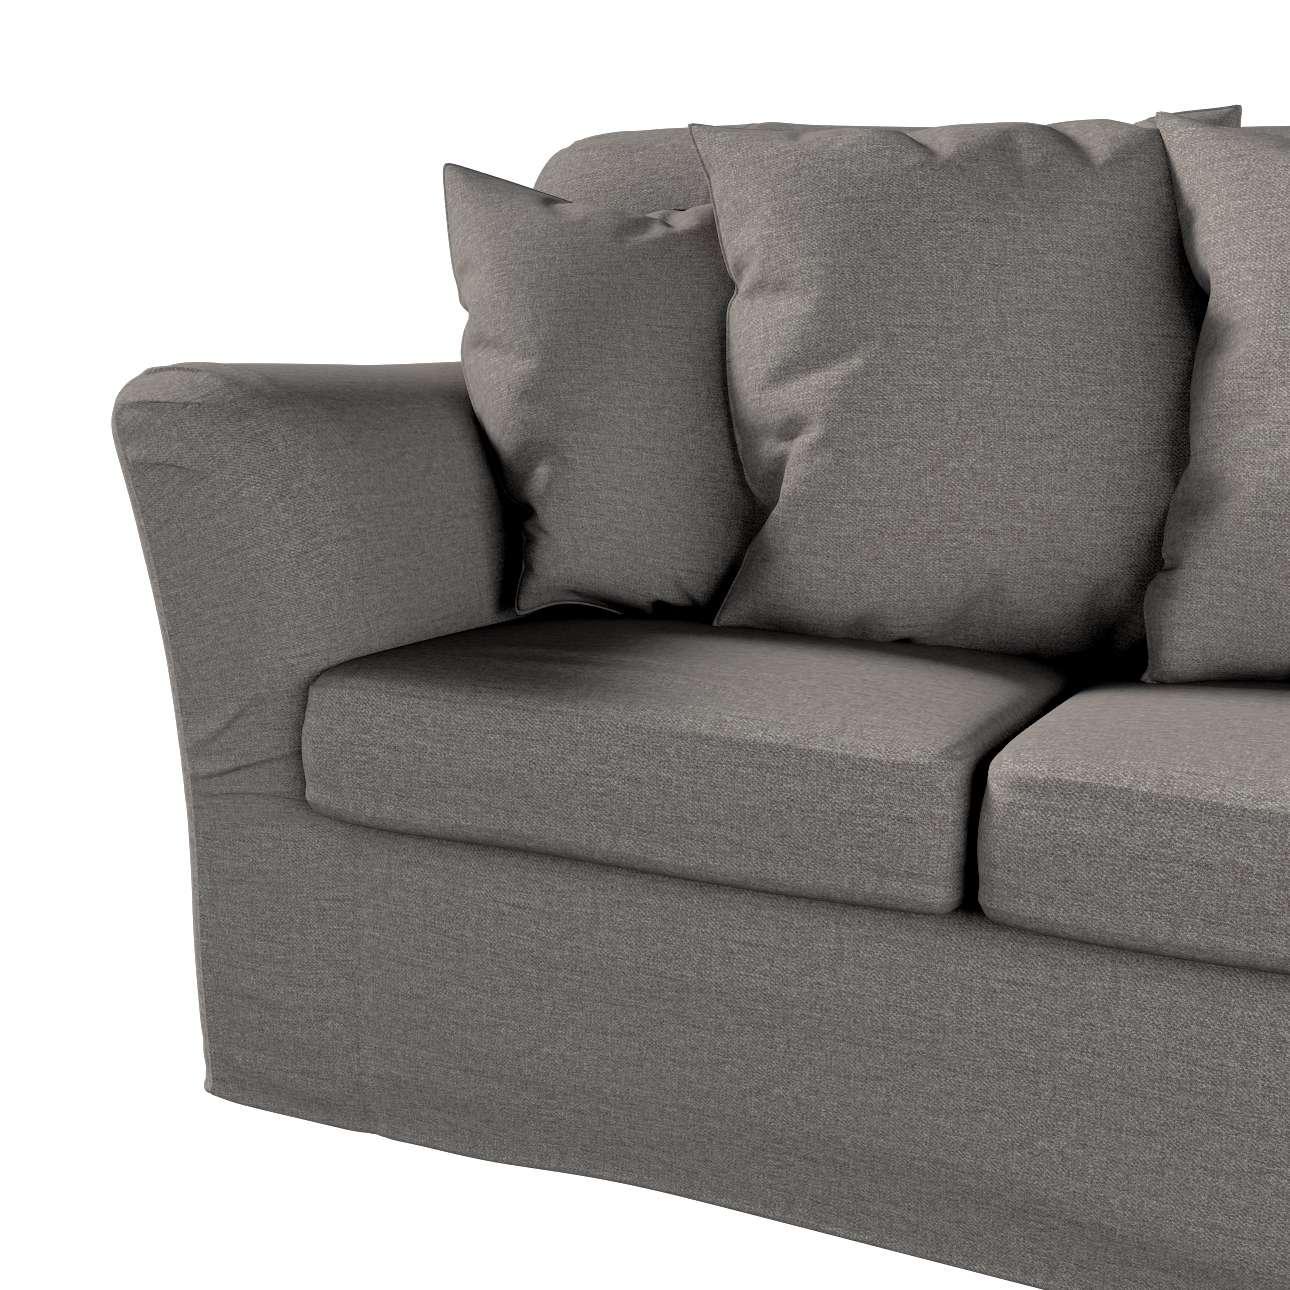 Pokrowiec na sofę Tomelilla 3-osobową nierozkładaną w kolekcji Edinburgh, tkanina: 115-77